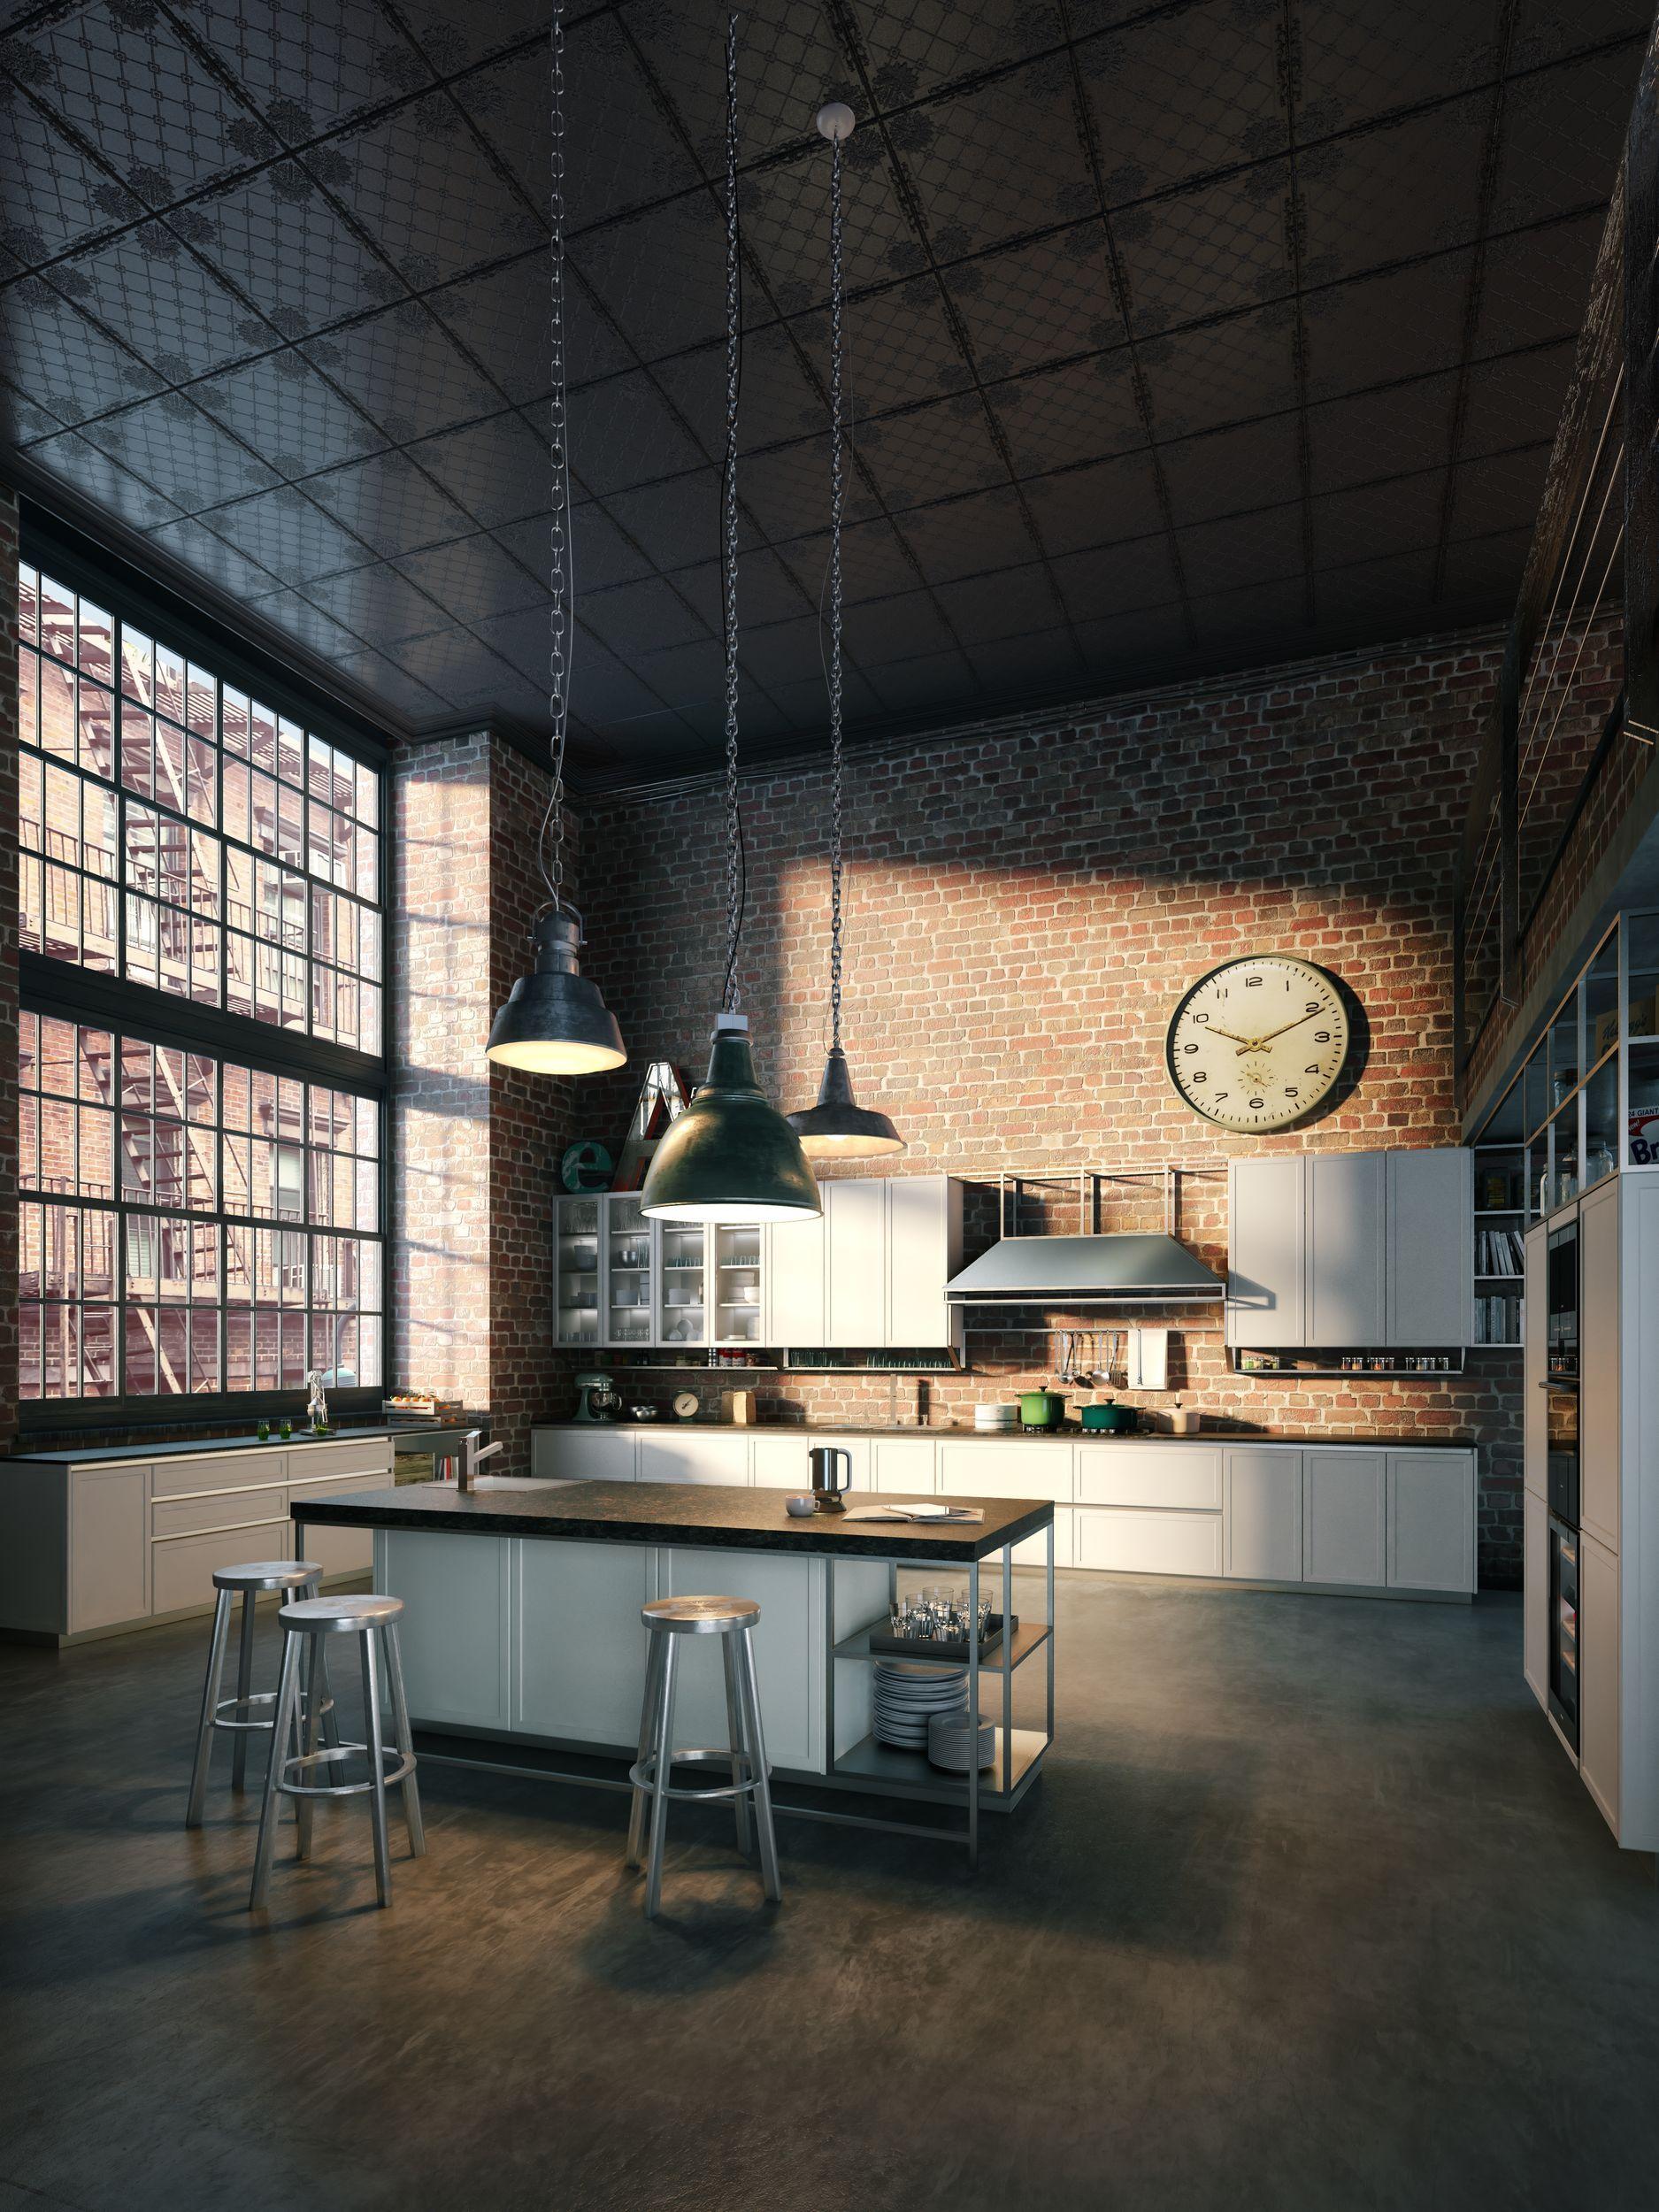 mehr oder weniger wie ich mir das vorstelle f r atelier. Black Bedroom Furniture Sets. Home Design Ideas